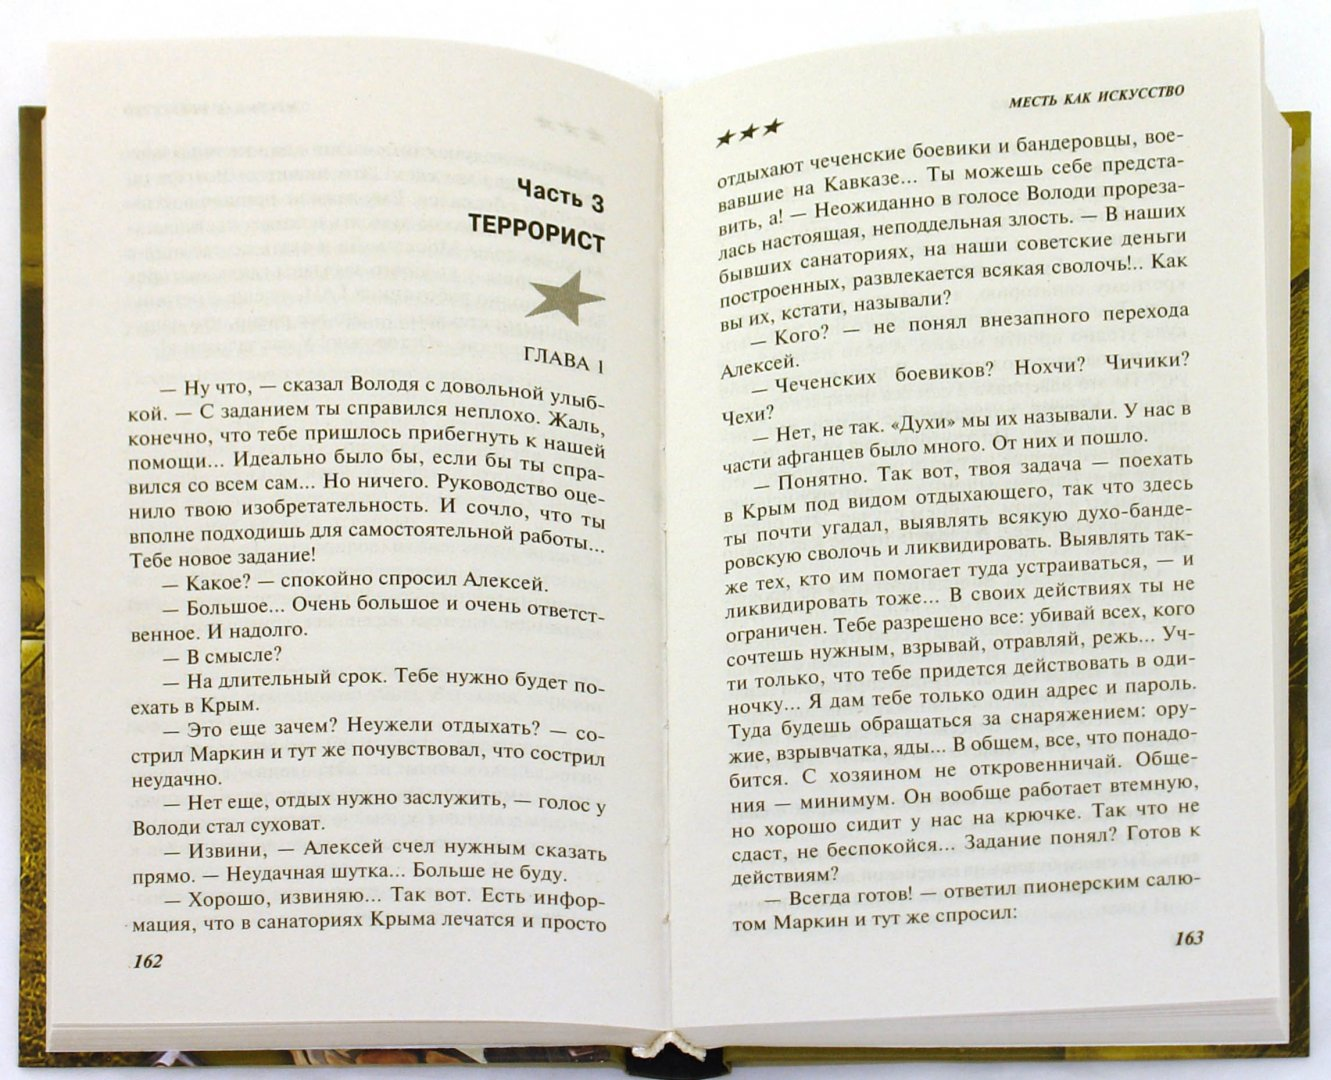 Иллюстрация 1 из 6 для Месть как искусство - Павел Яковенко | Лабиринт - книги. Источник: Лабиринт